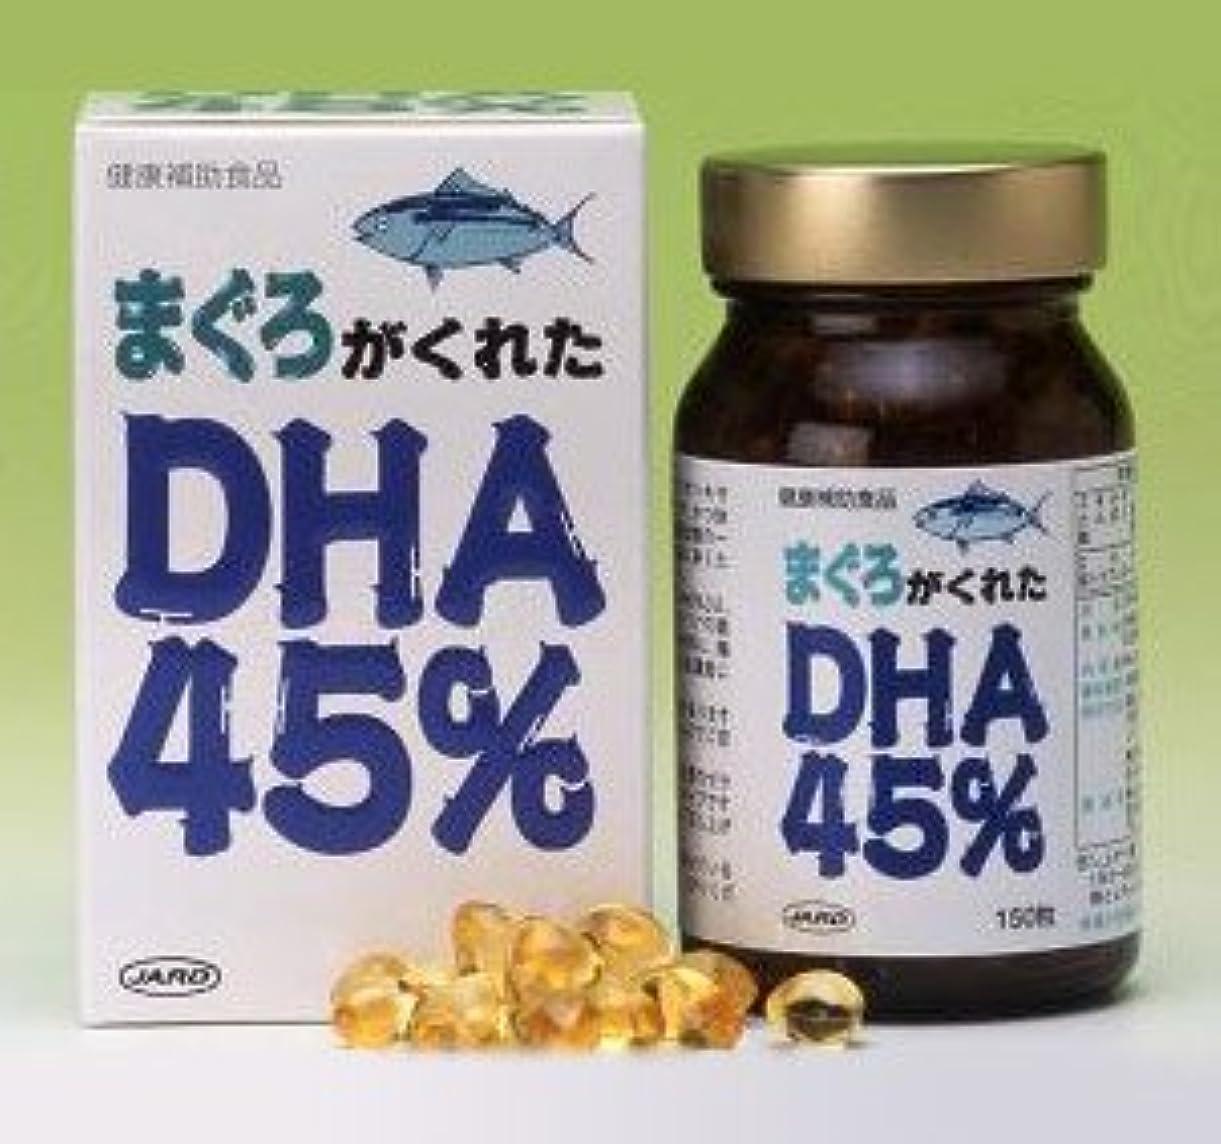 ふりをするリールグレーまぐろがくれたDHA45%(単品)ジャード